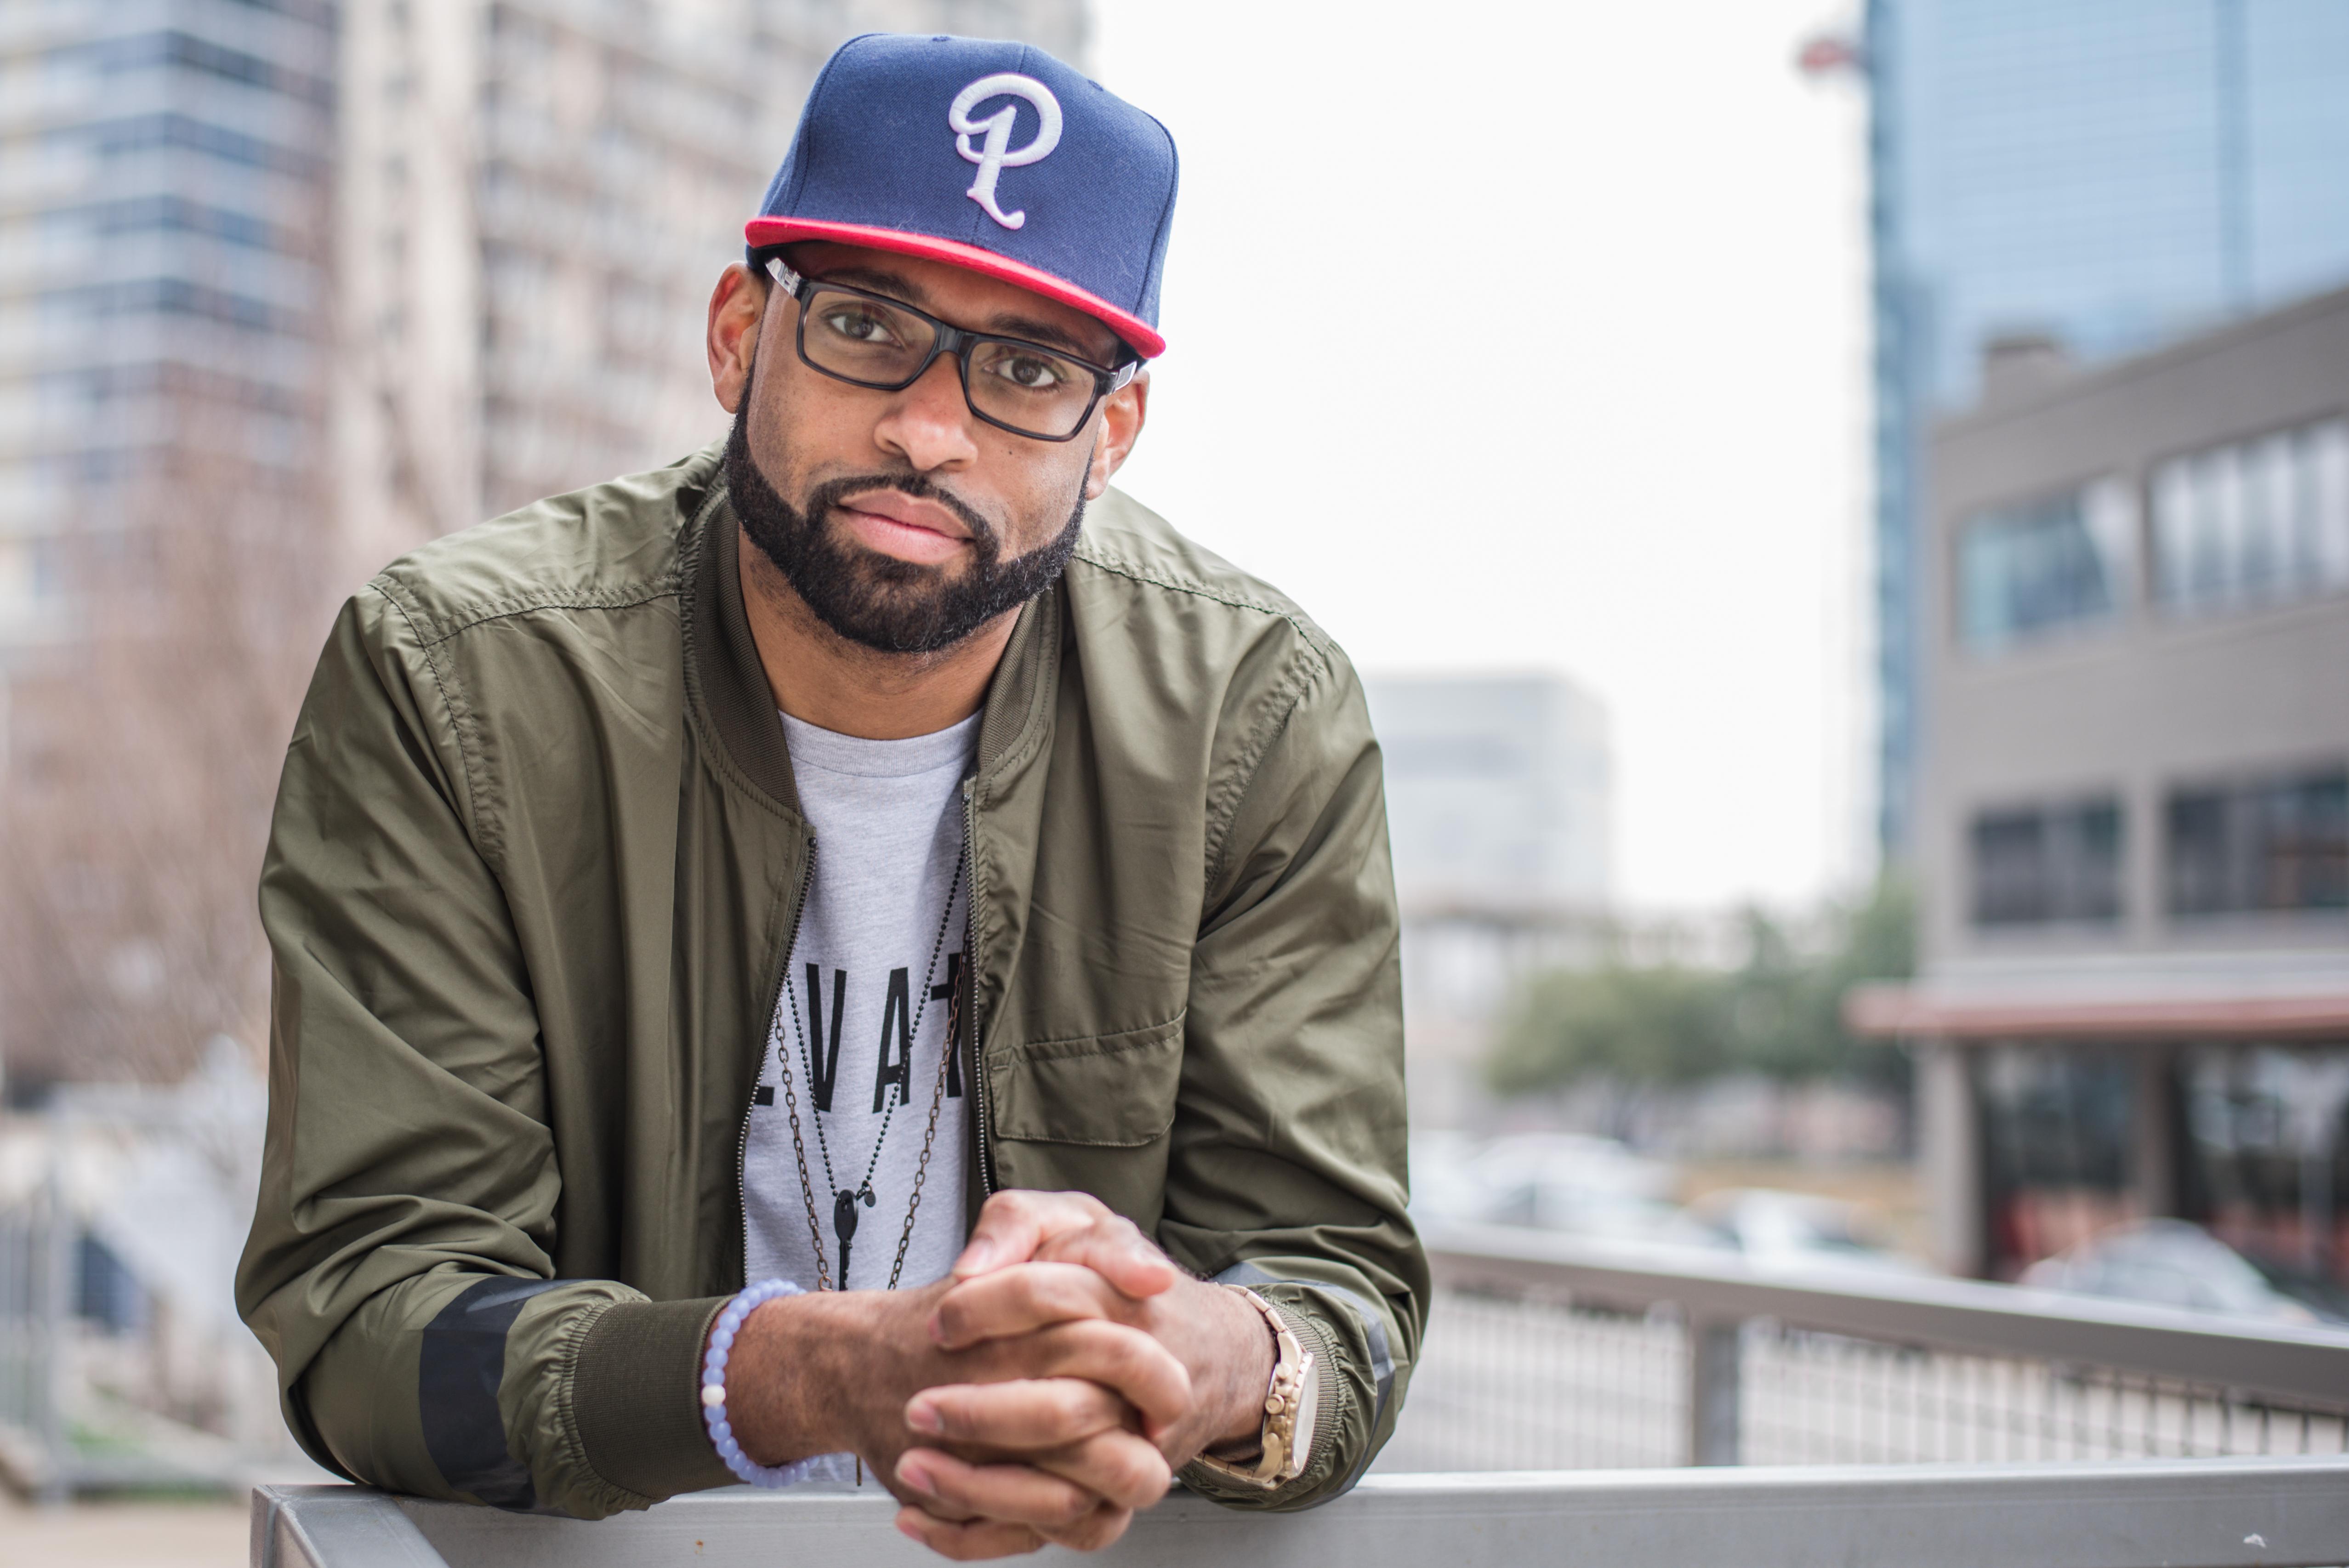 DJ Deaf is the official DJ for The Harlem Globetrotters